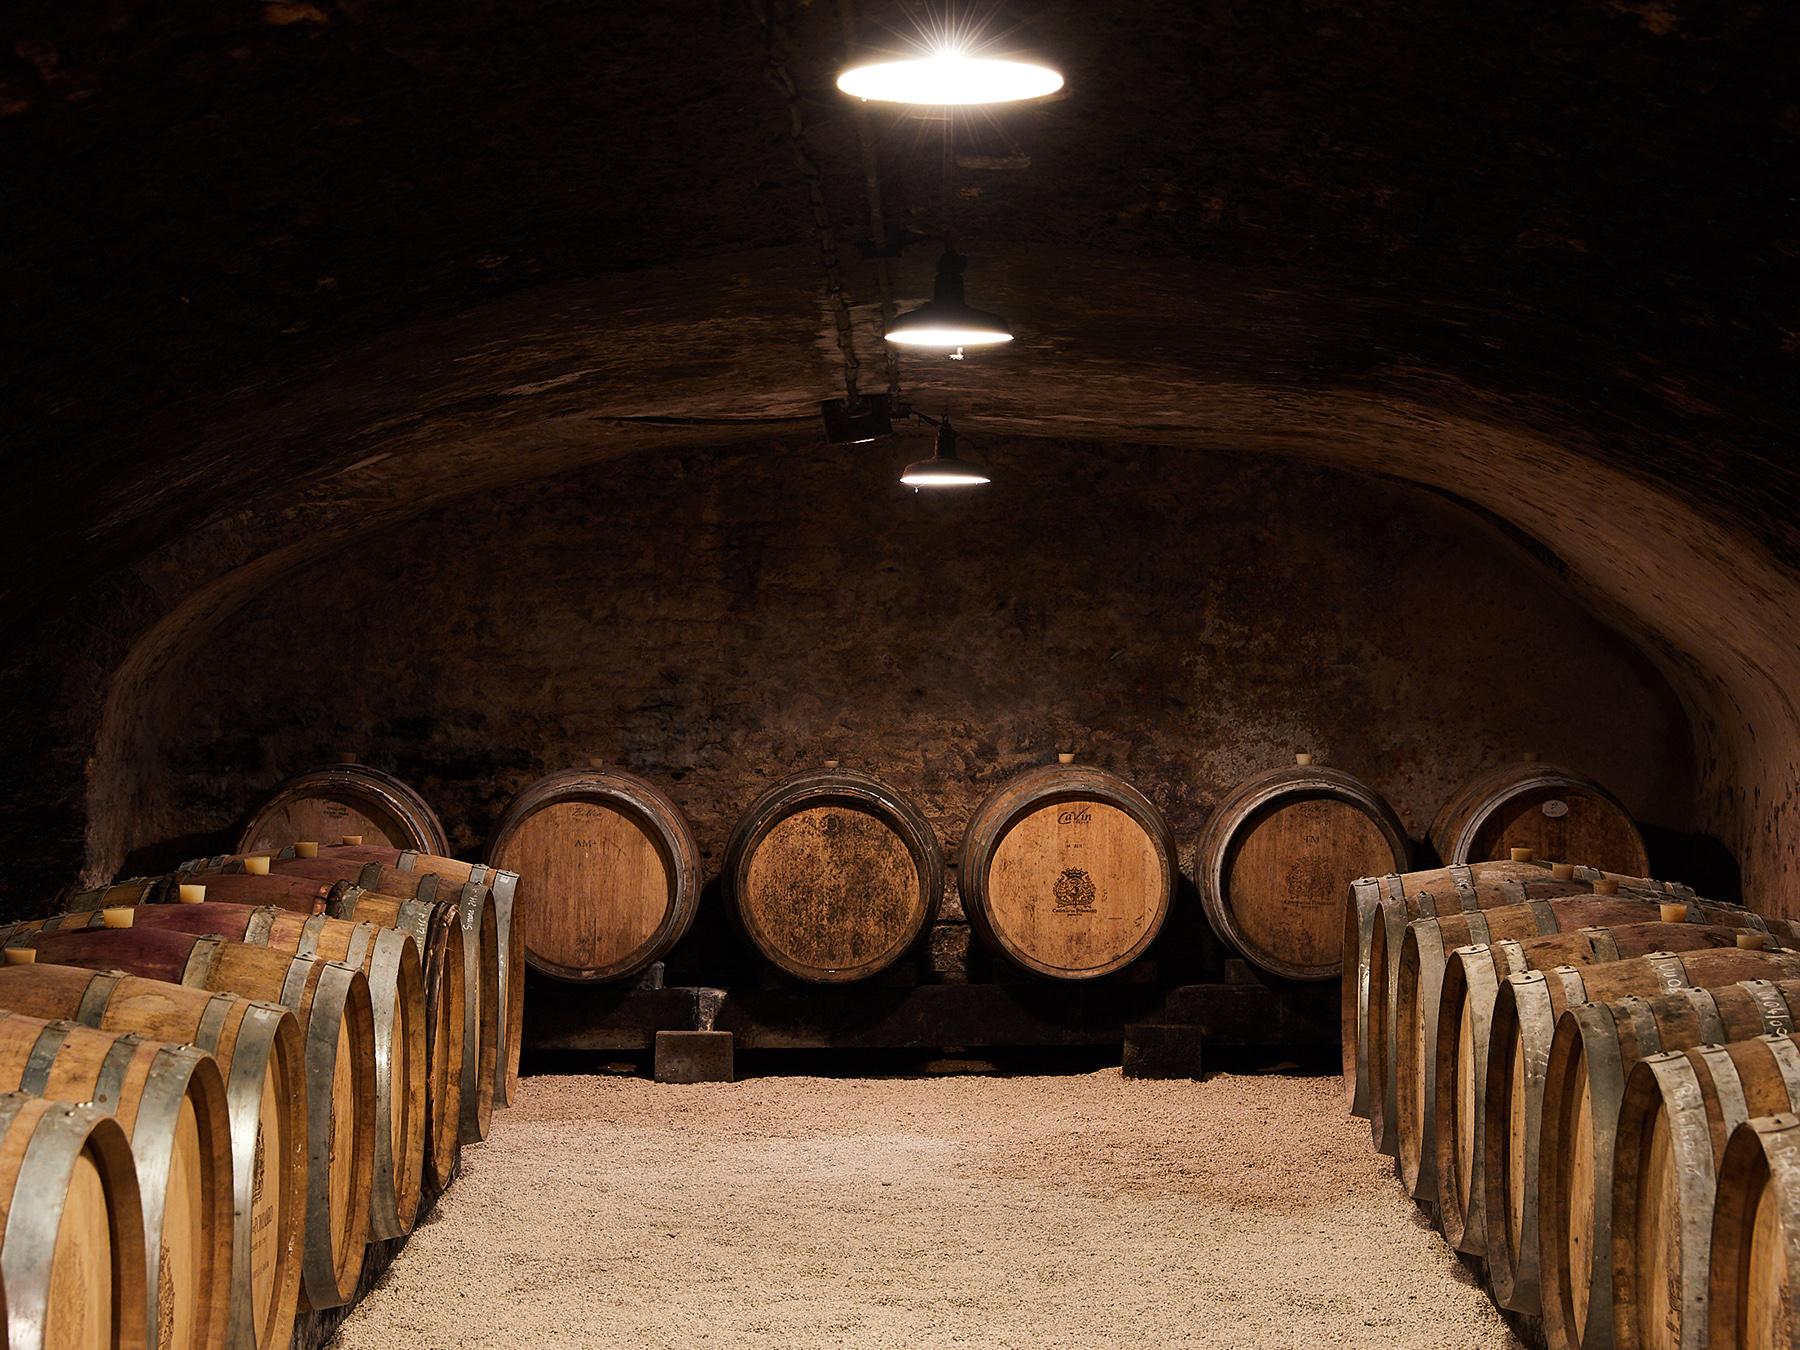 Château de Pommard Winery Opens Its Doors Virtually!